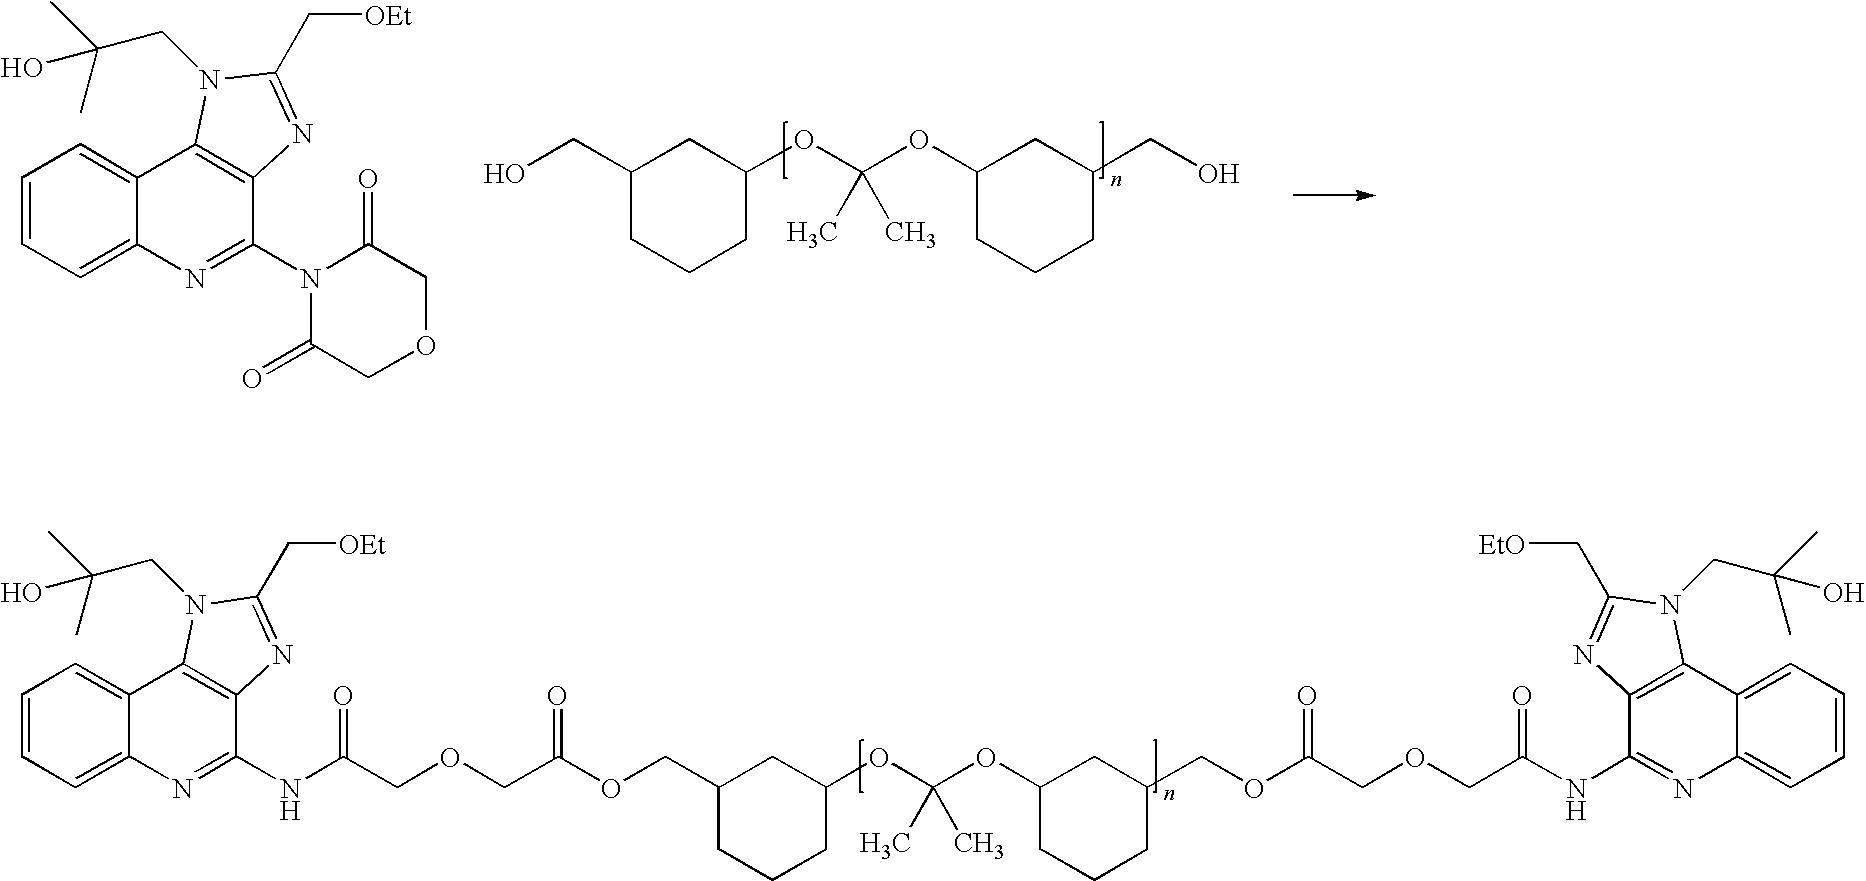 Figure US20110020388A1-20110127-C00004